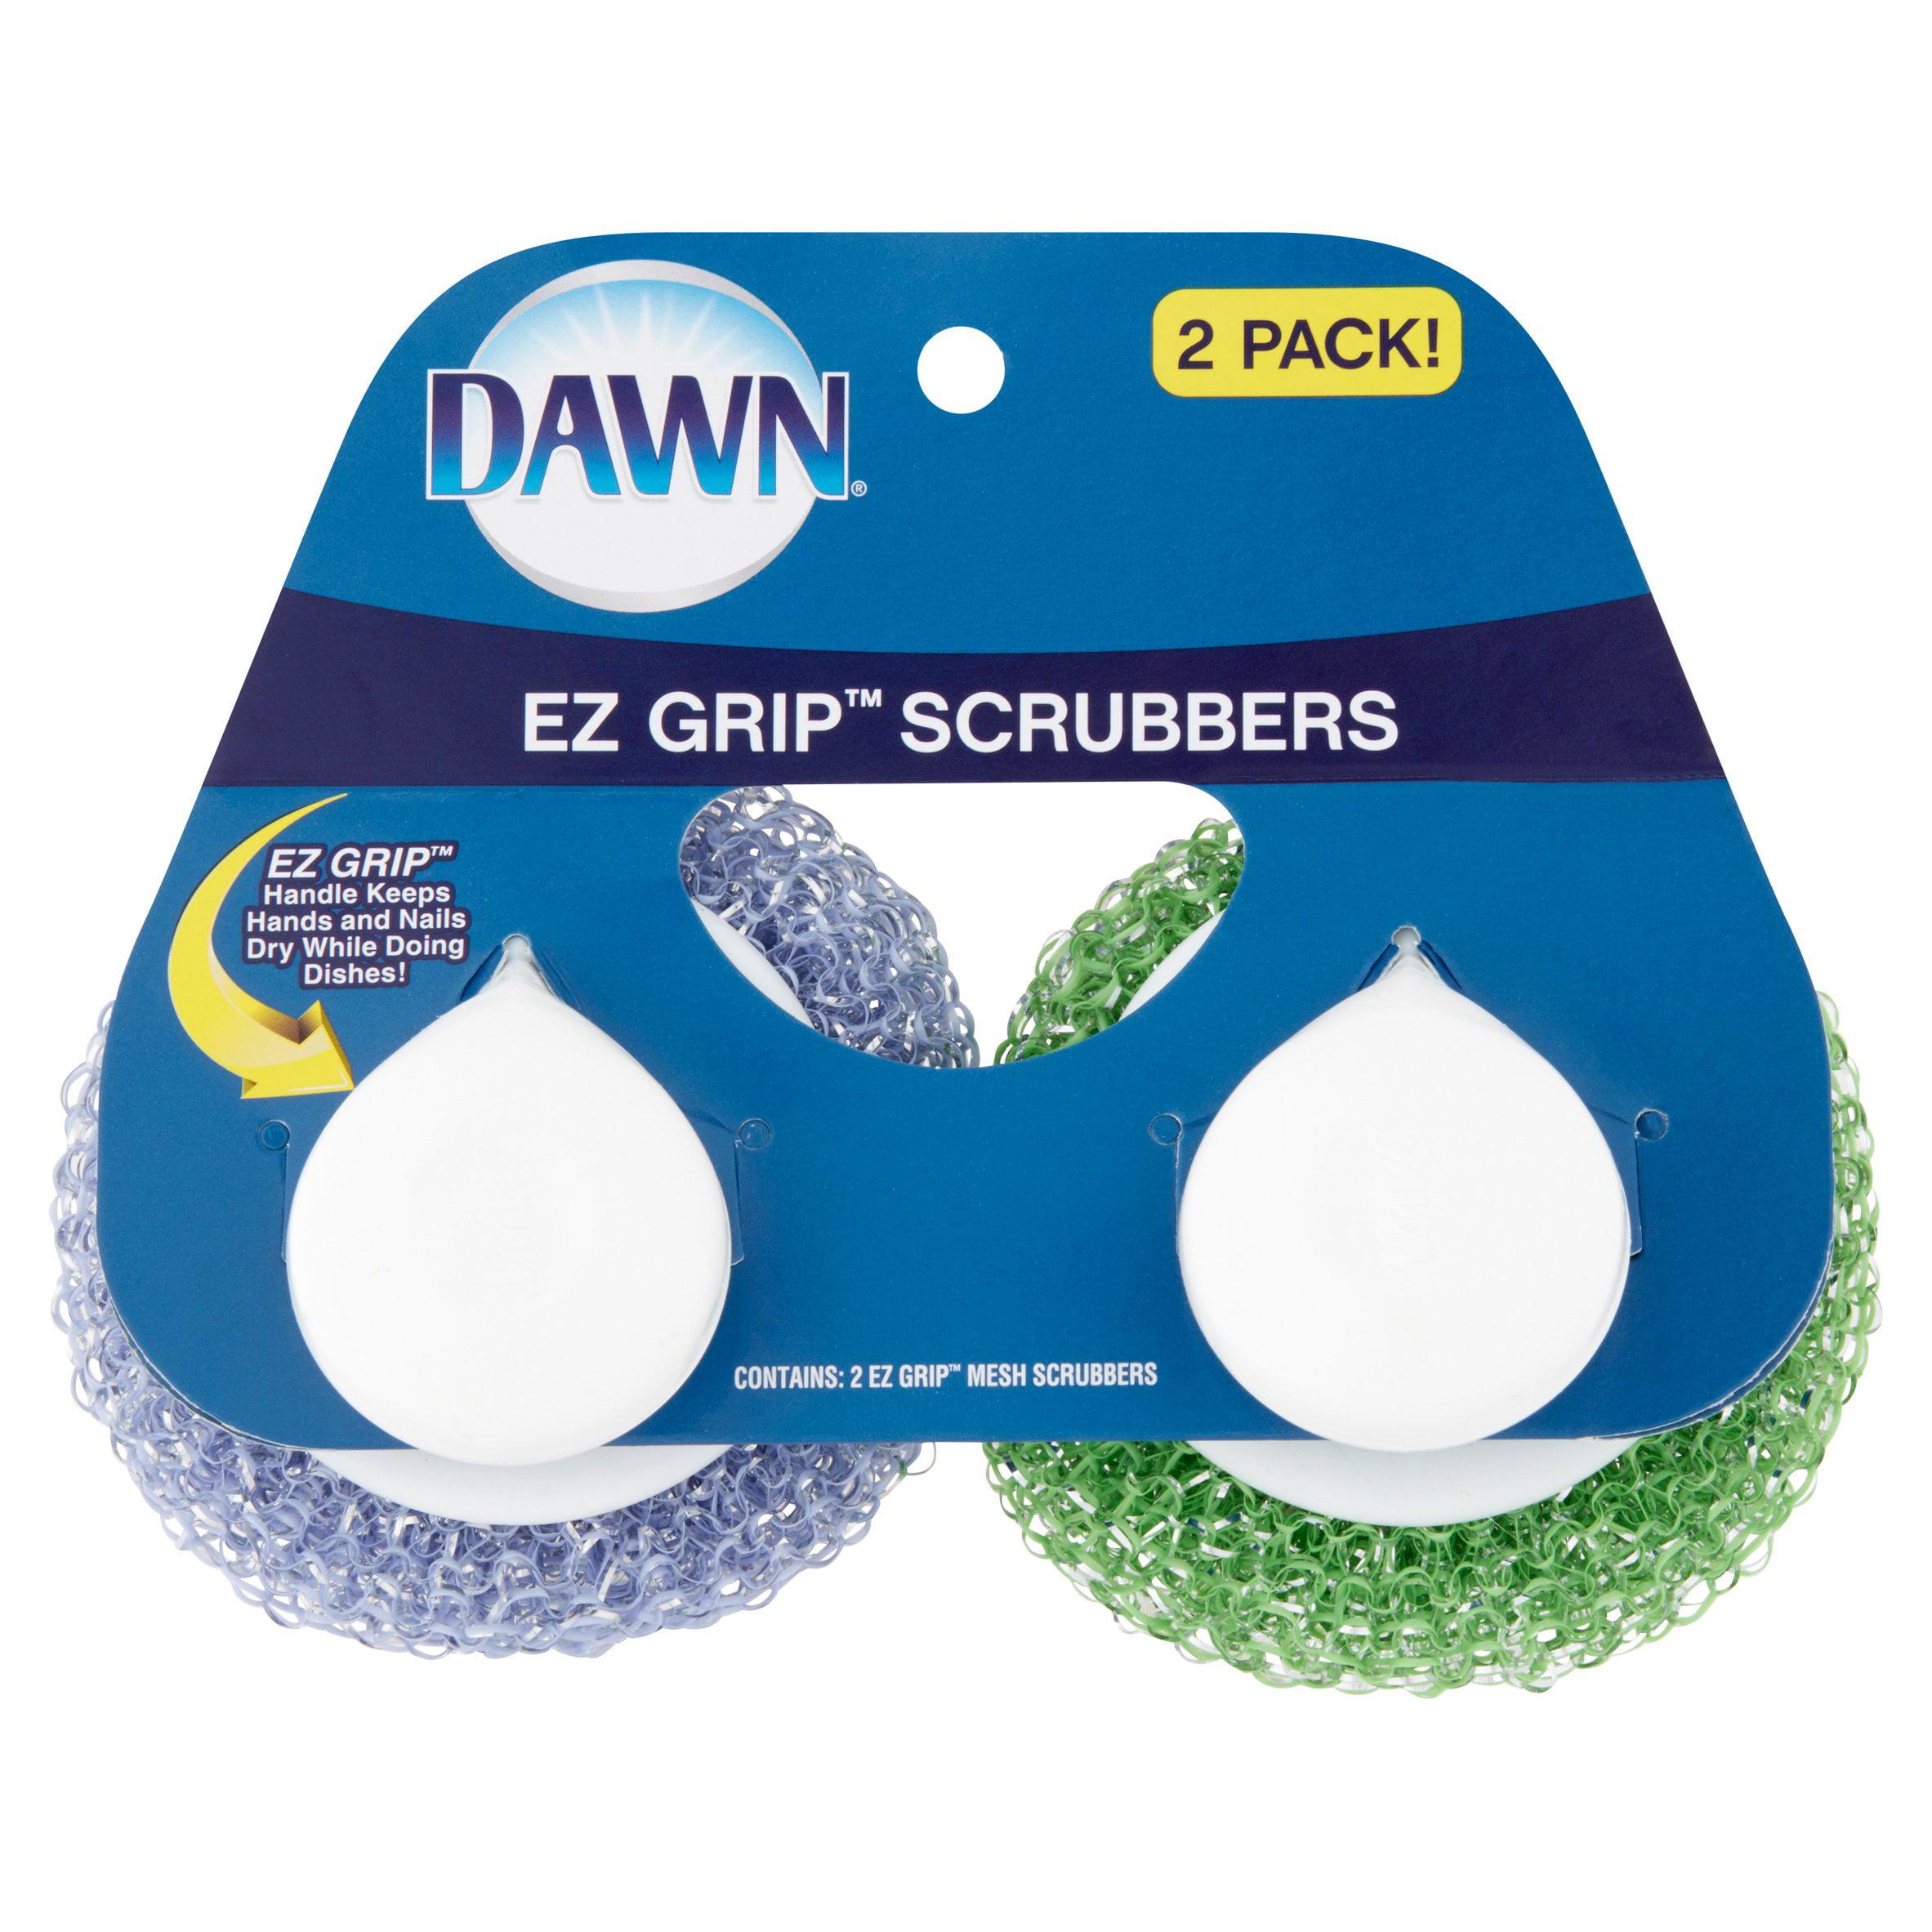 Dawn Ez Grip Scrubbers, 2 pack